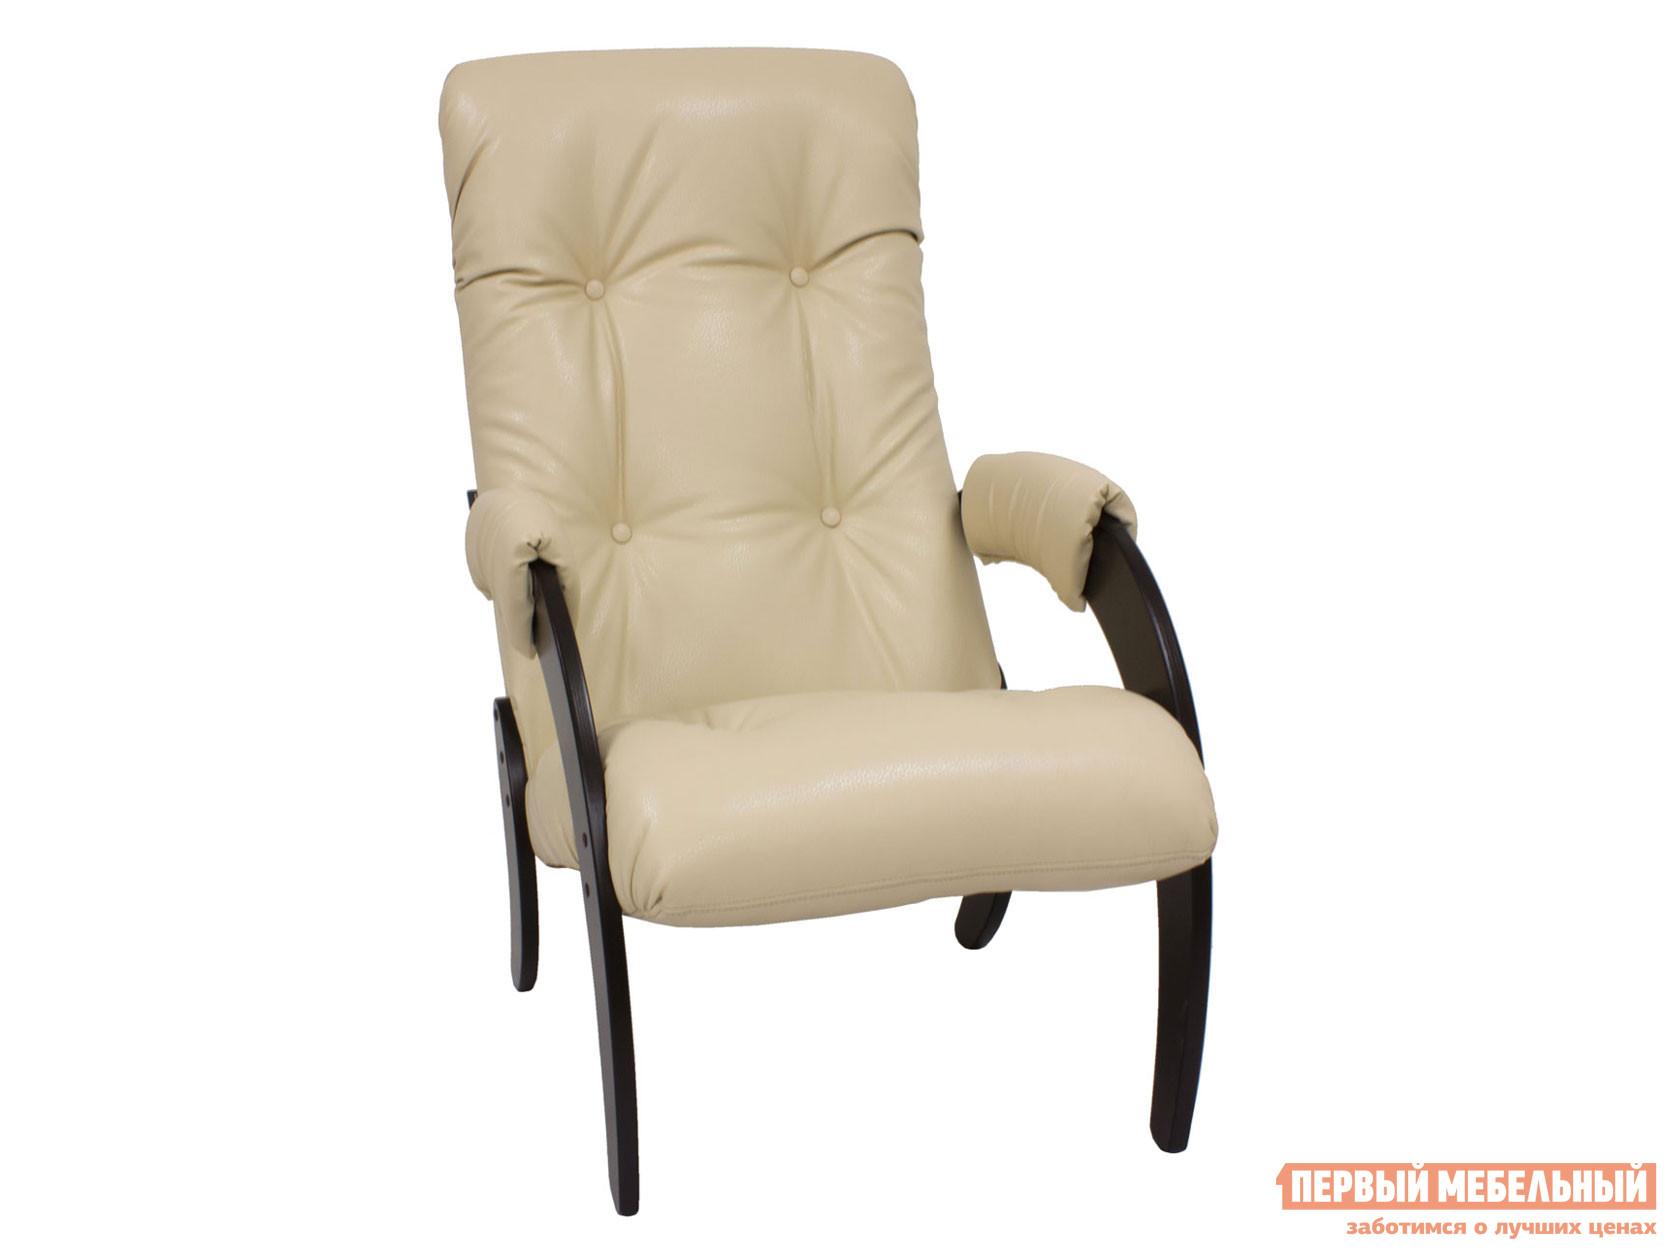 Кресло Кресло для отдыха Комфорт Модель 61 Венге, Polaris beige, иск. кожа фото